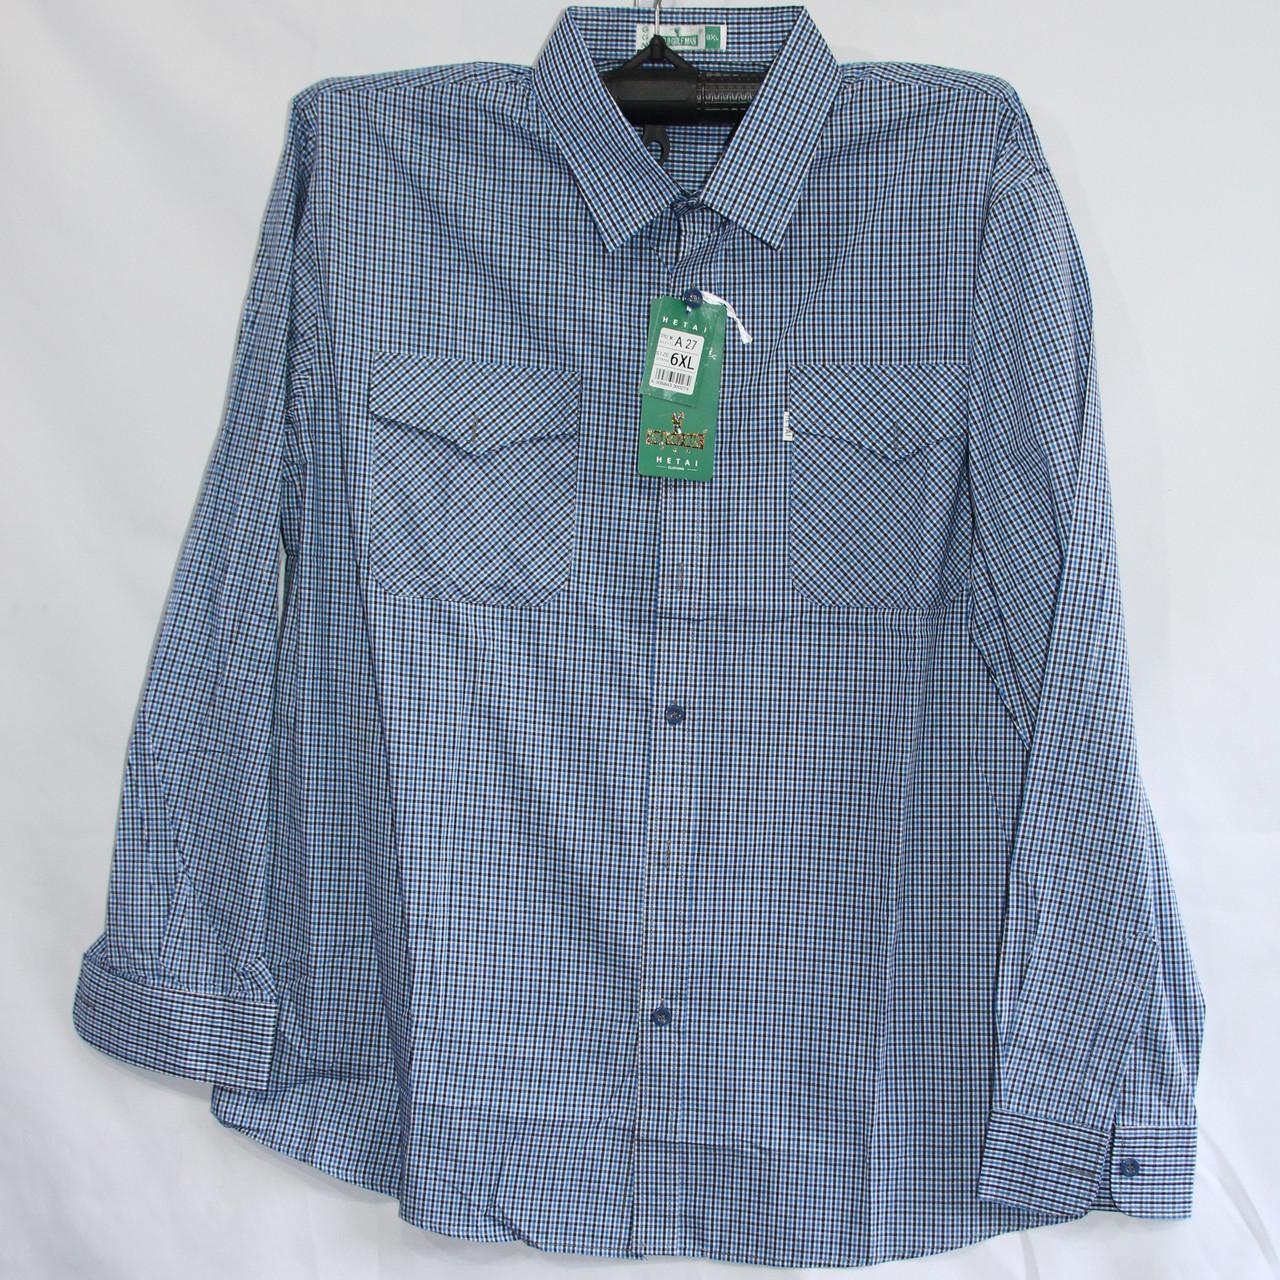 Чоловіча сорочка сорочка Батал (довгий рукав) оптом зі складу в Одесі